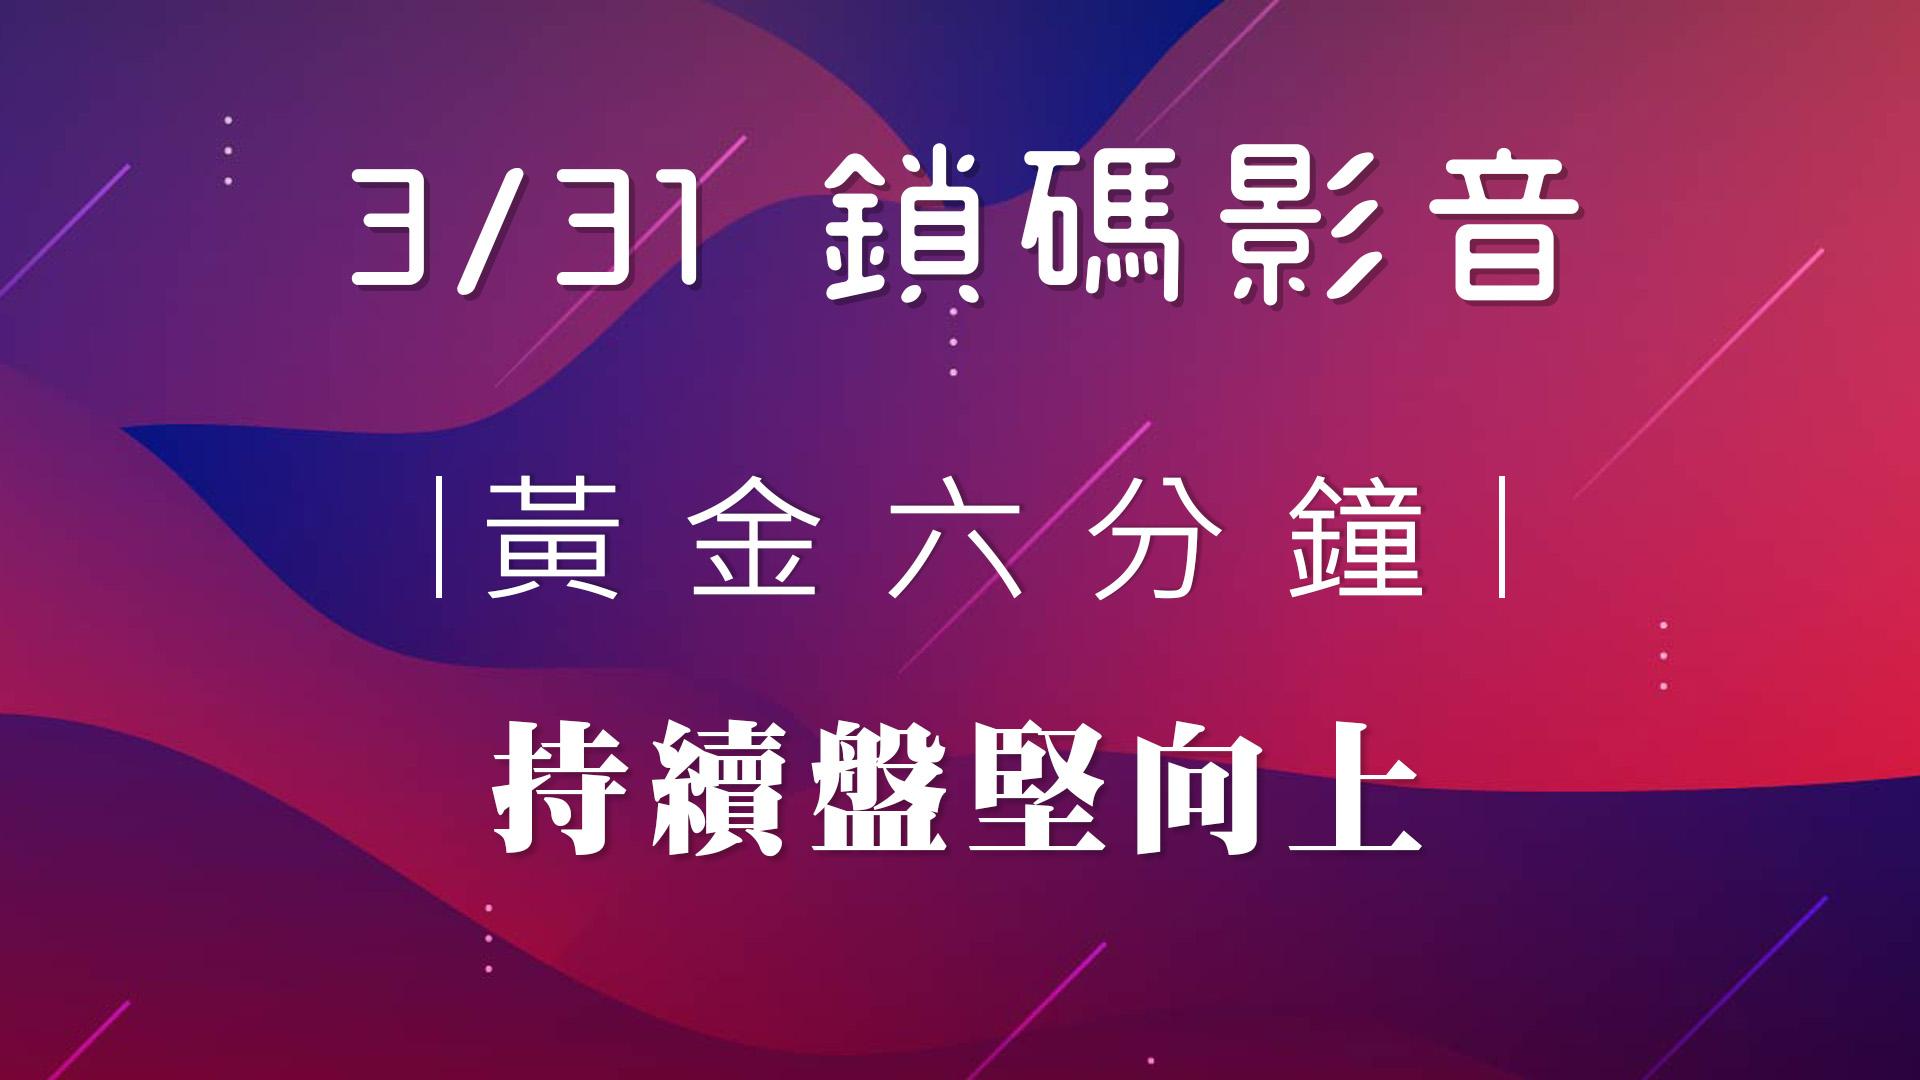 【王曈2020/03/31】鎖碼影音(試看)